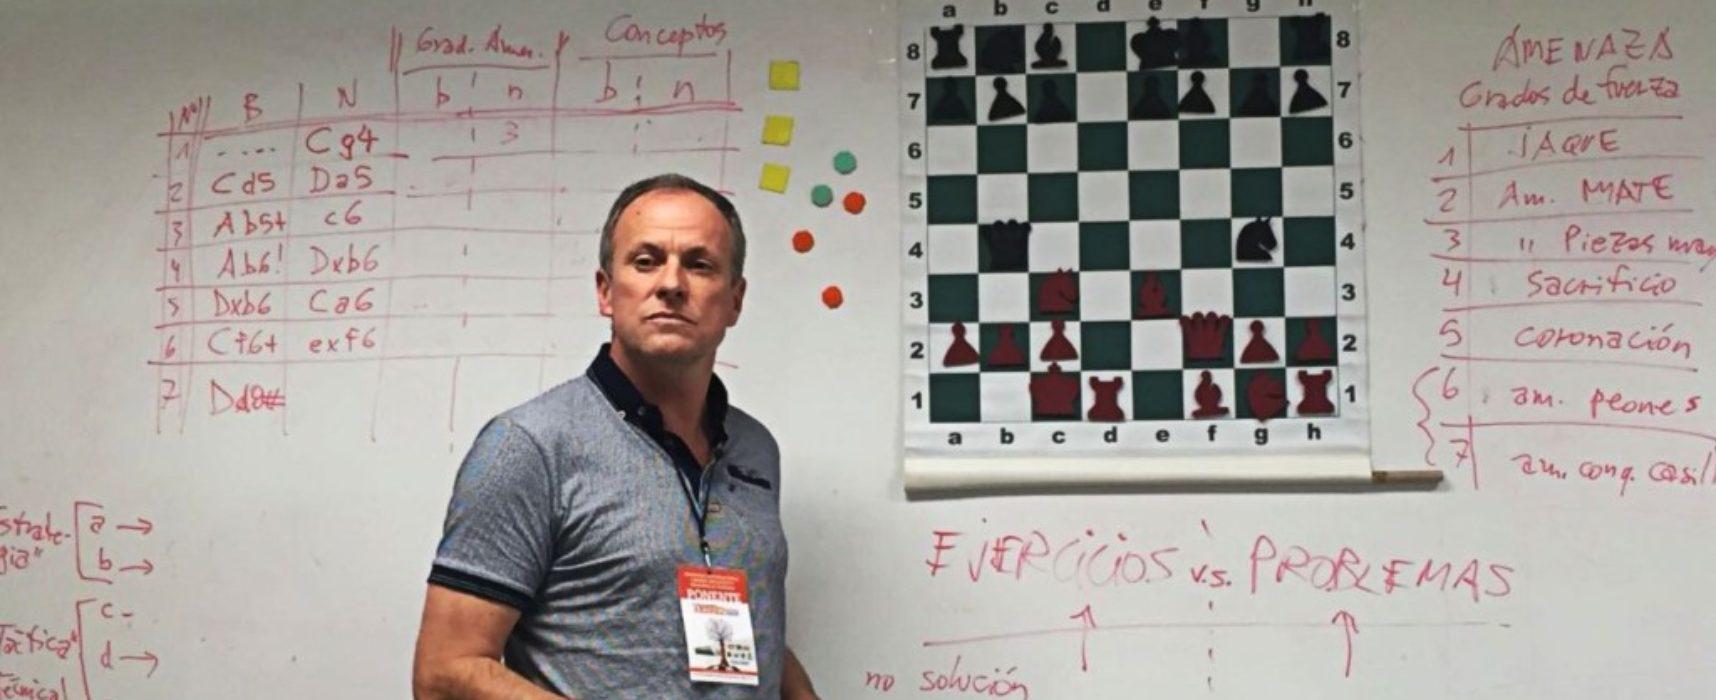 """Erni Vogel, experto en didáctica del ajedrez: """"Hay una diferencia pedagógica clave entre proponer al alumno un problema o simplemente un ejercicio"""""""